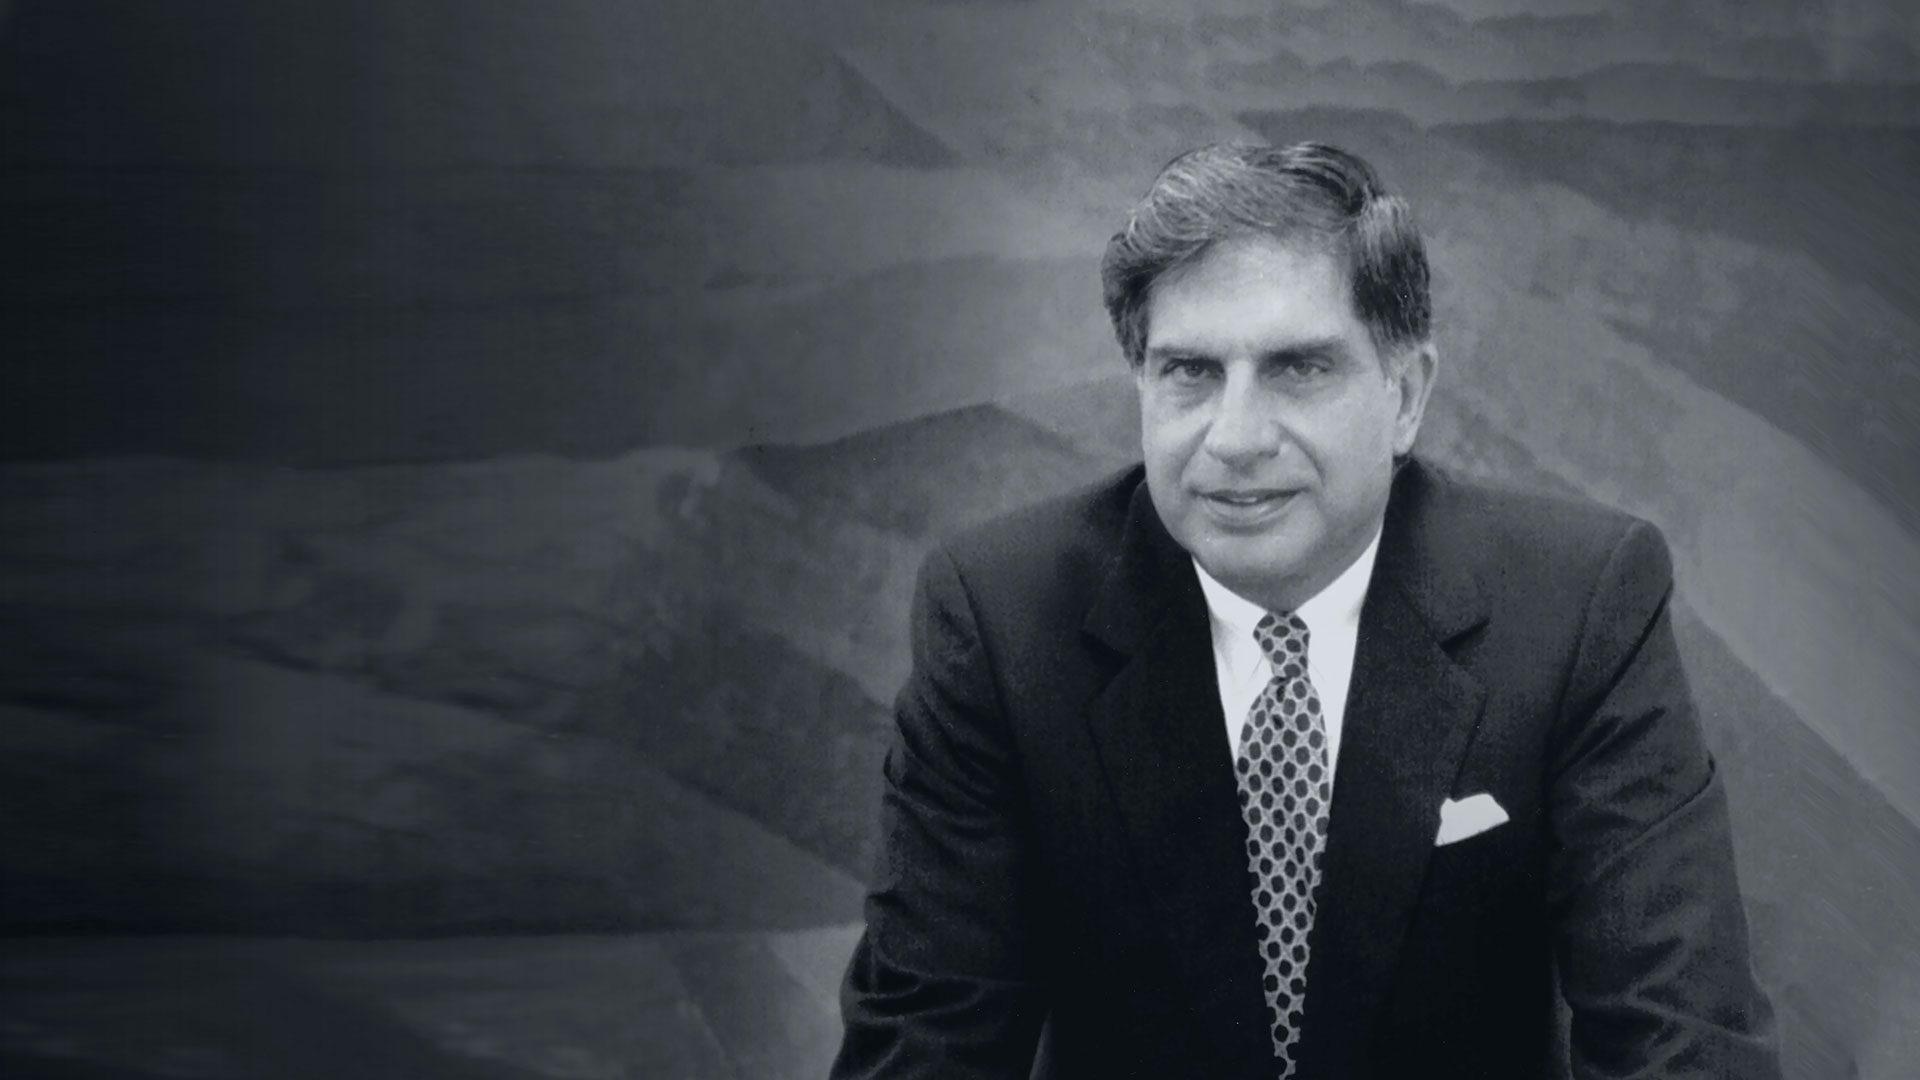 Ratan Tata   Top 10 business leaders in India 2021